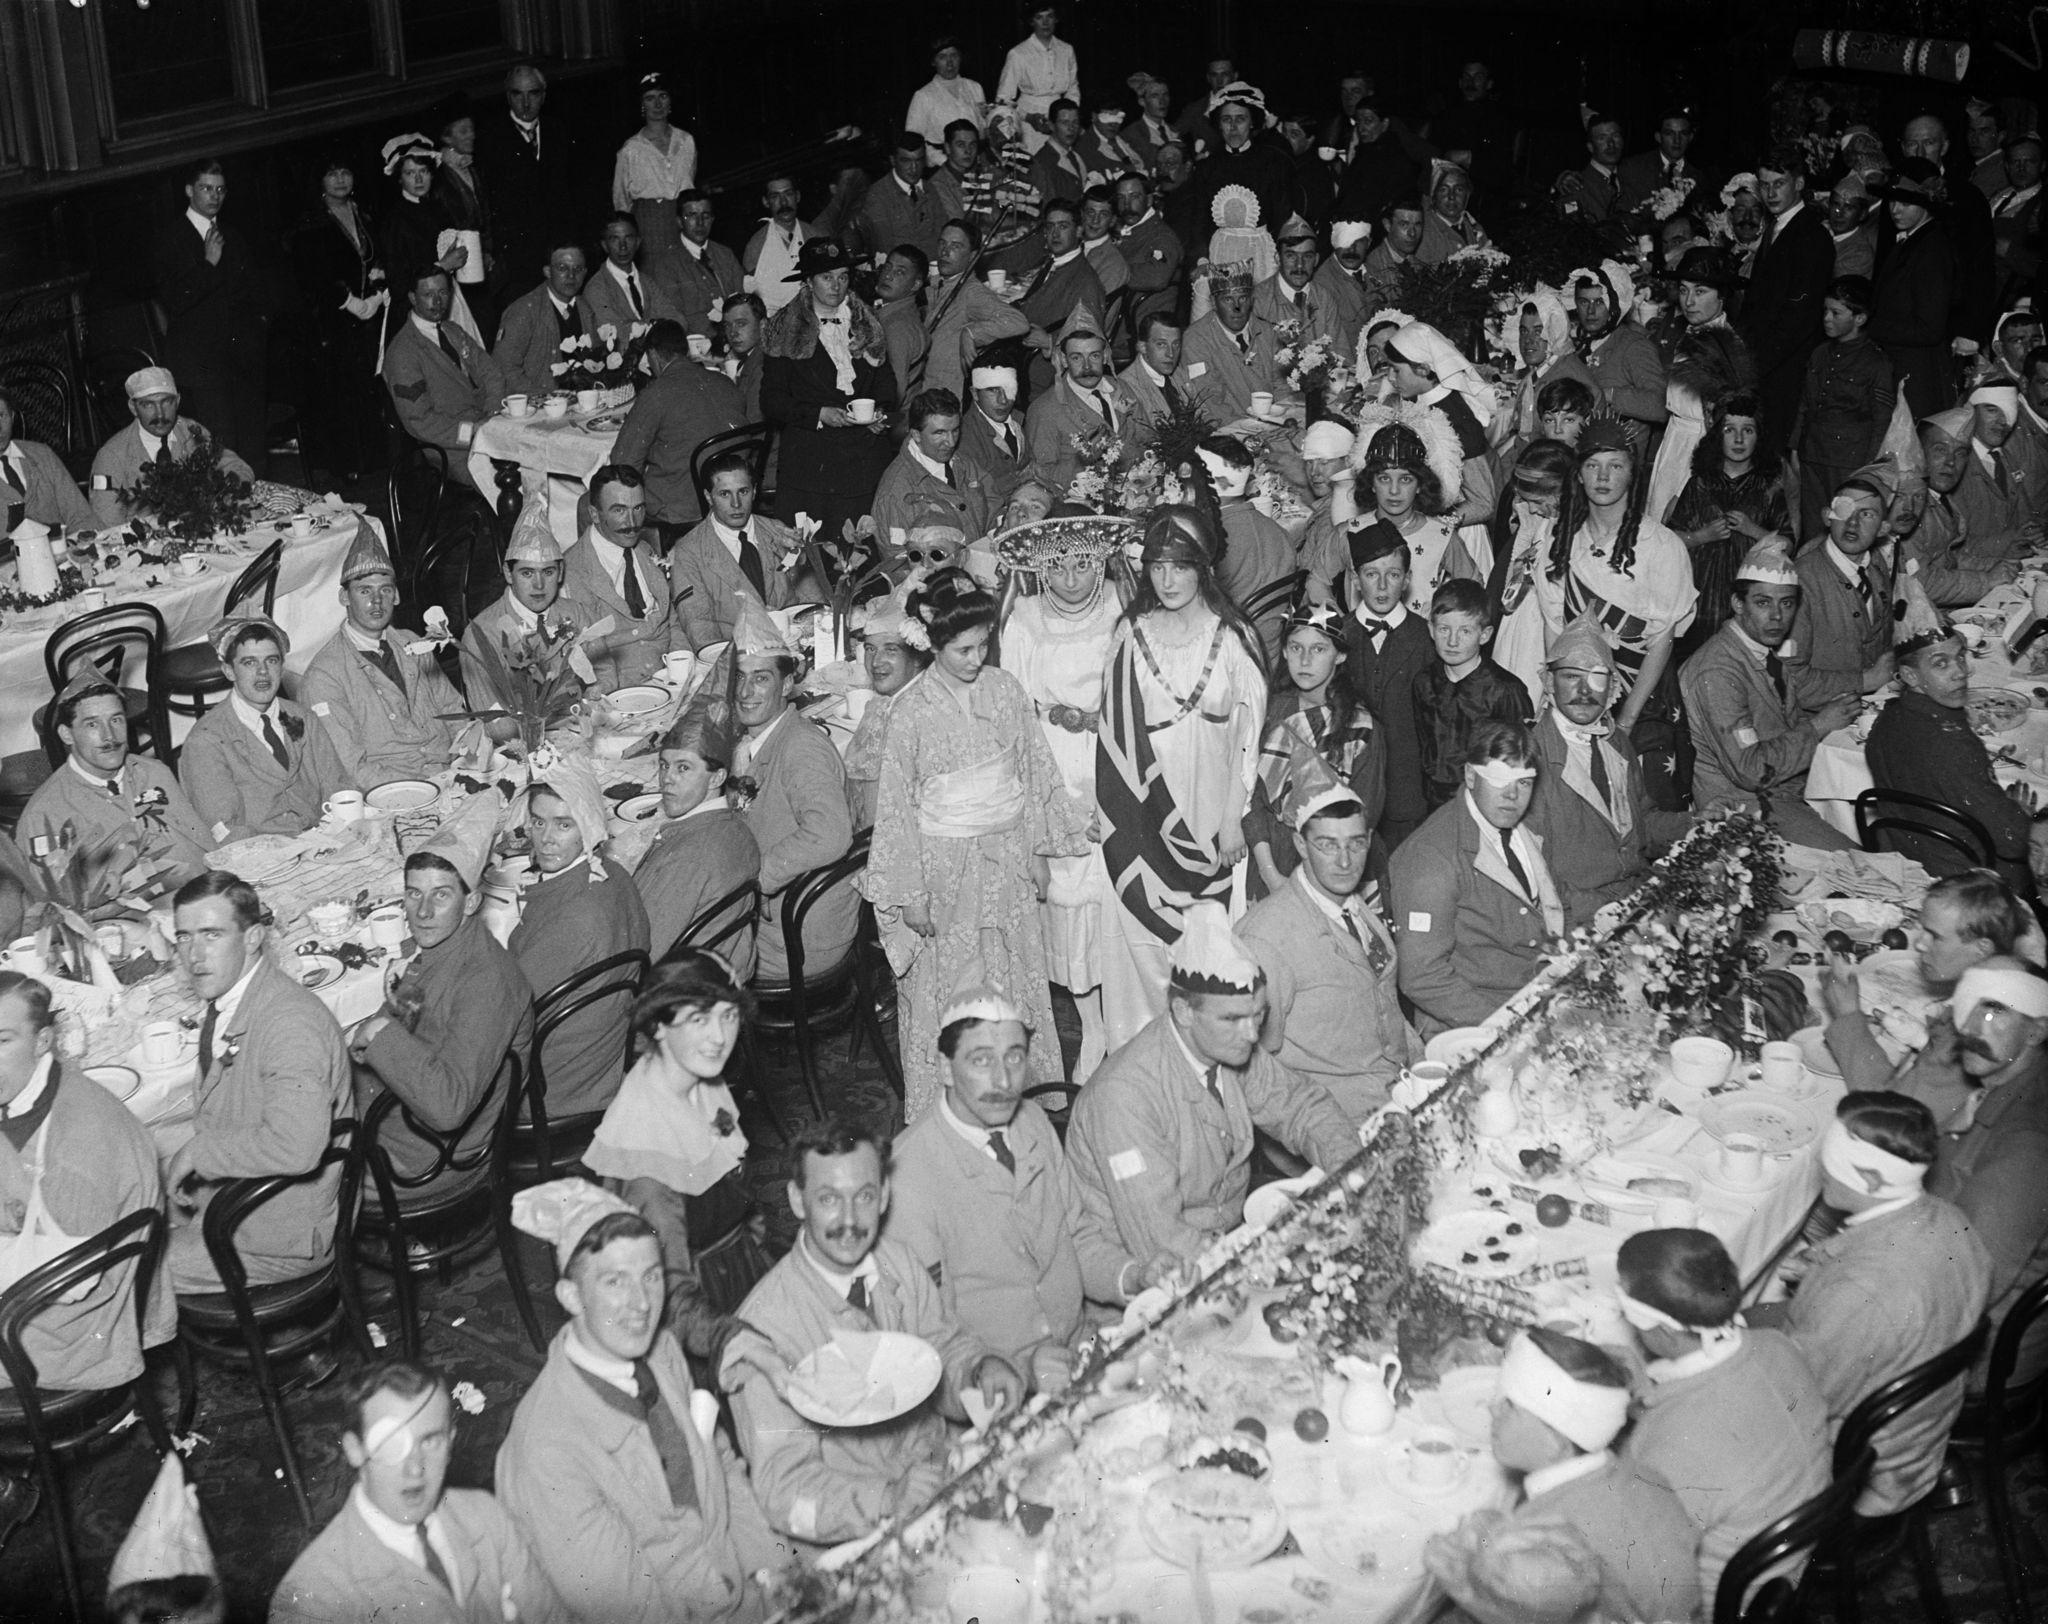 1917. Раненые солдаты пьют чай на новогоднем вечере.jpg